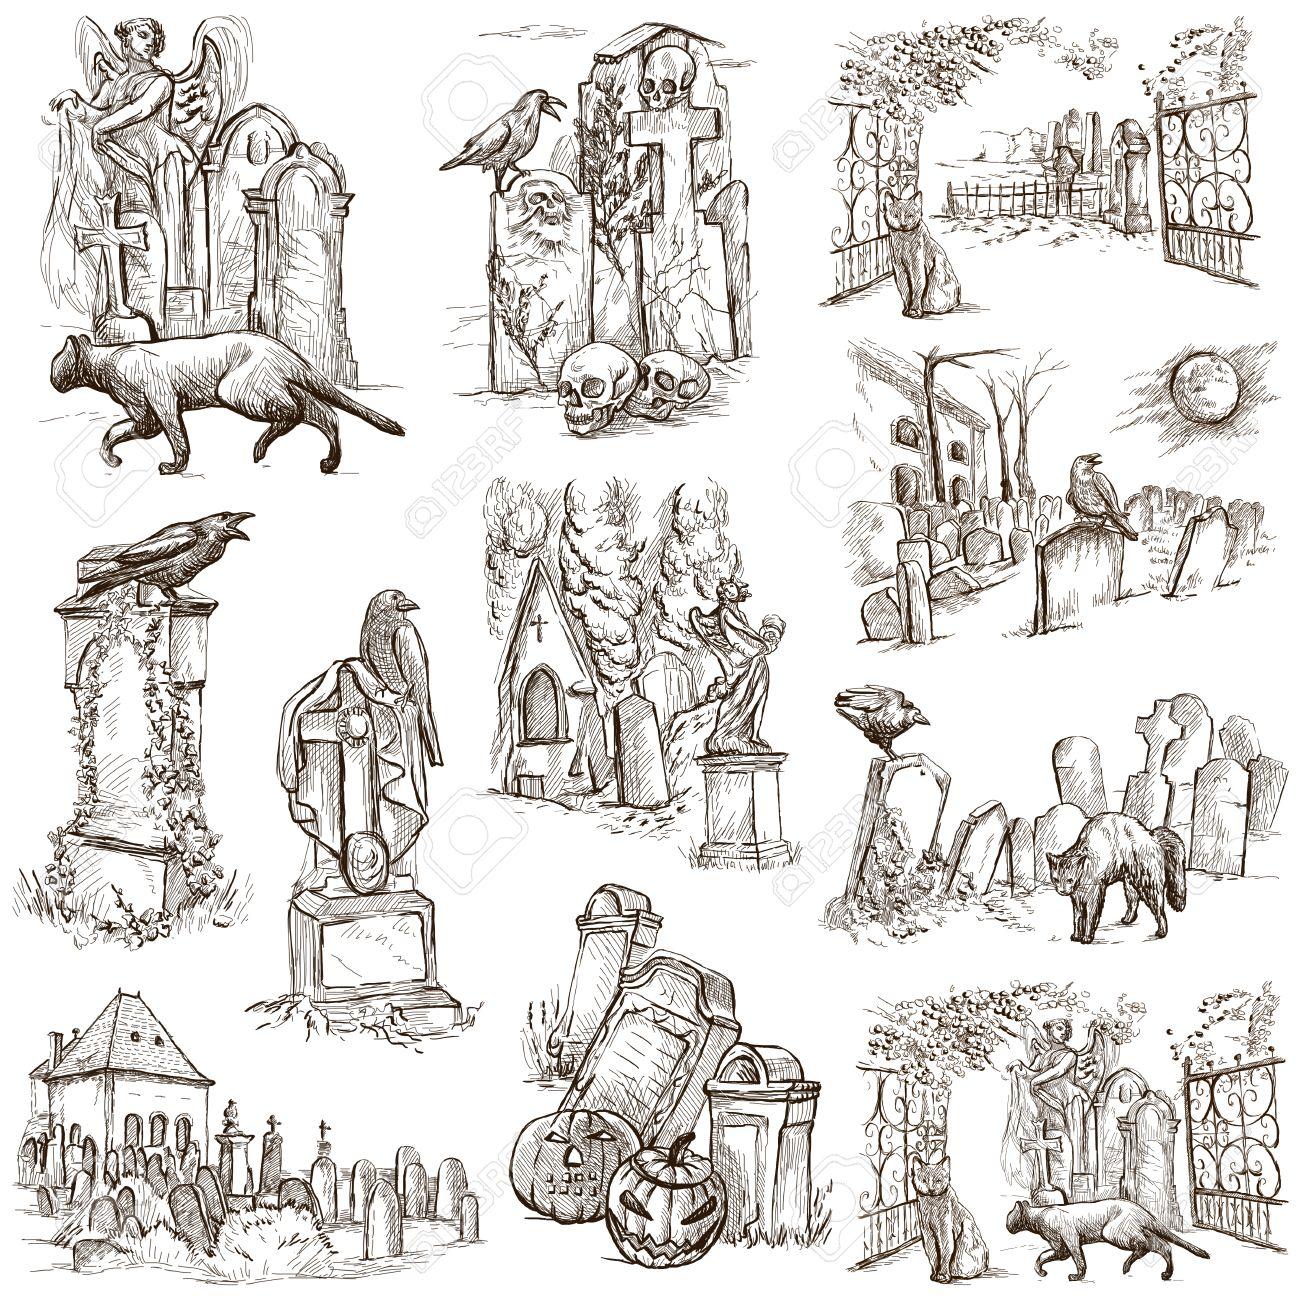 De Thème De L Halloween Cimetières Collection De Un Illustrations Dessinées à La Main Illustrations Dessinées à La Main Pleine Taille De Dessin